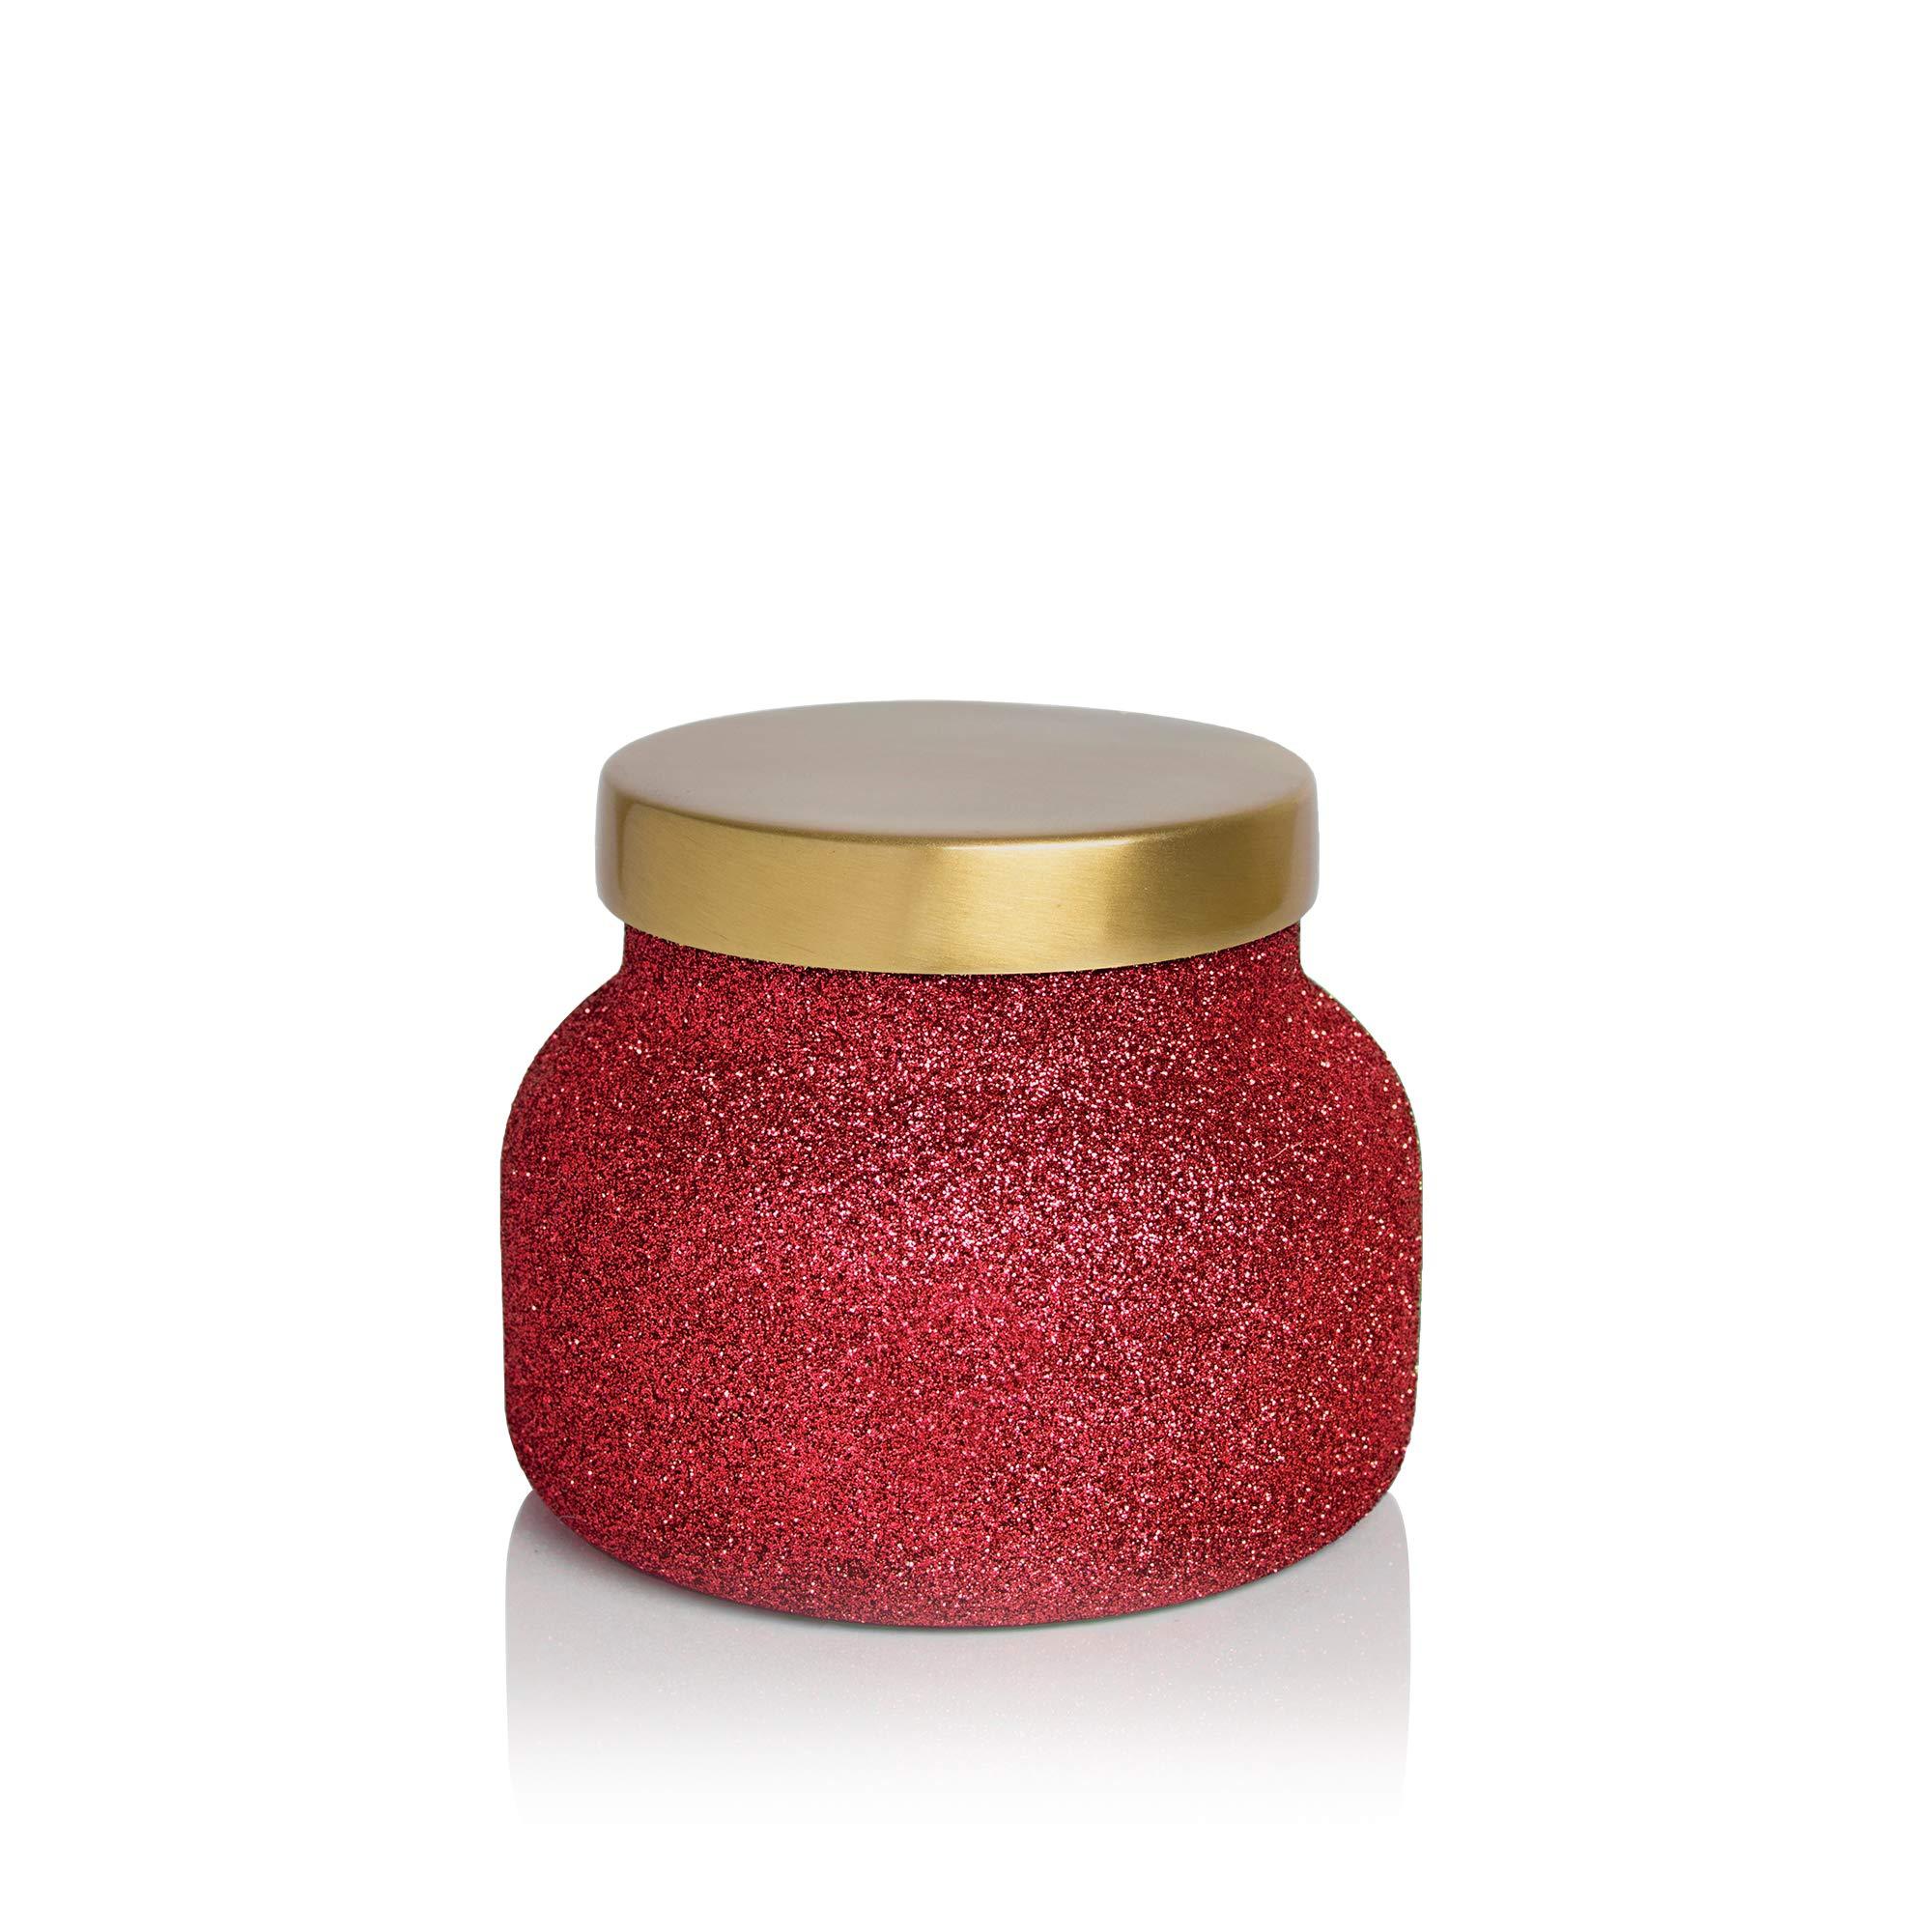 Capri Blue Unisex Signature Jar Volcano-Red Os